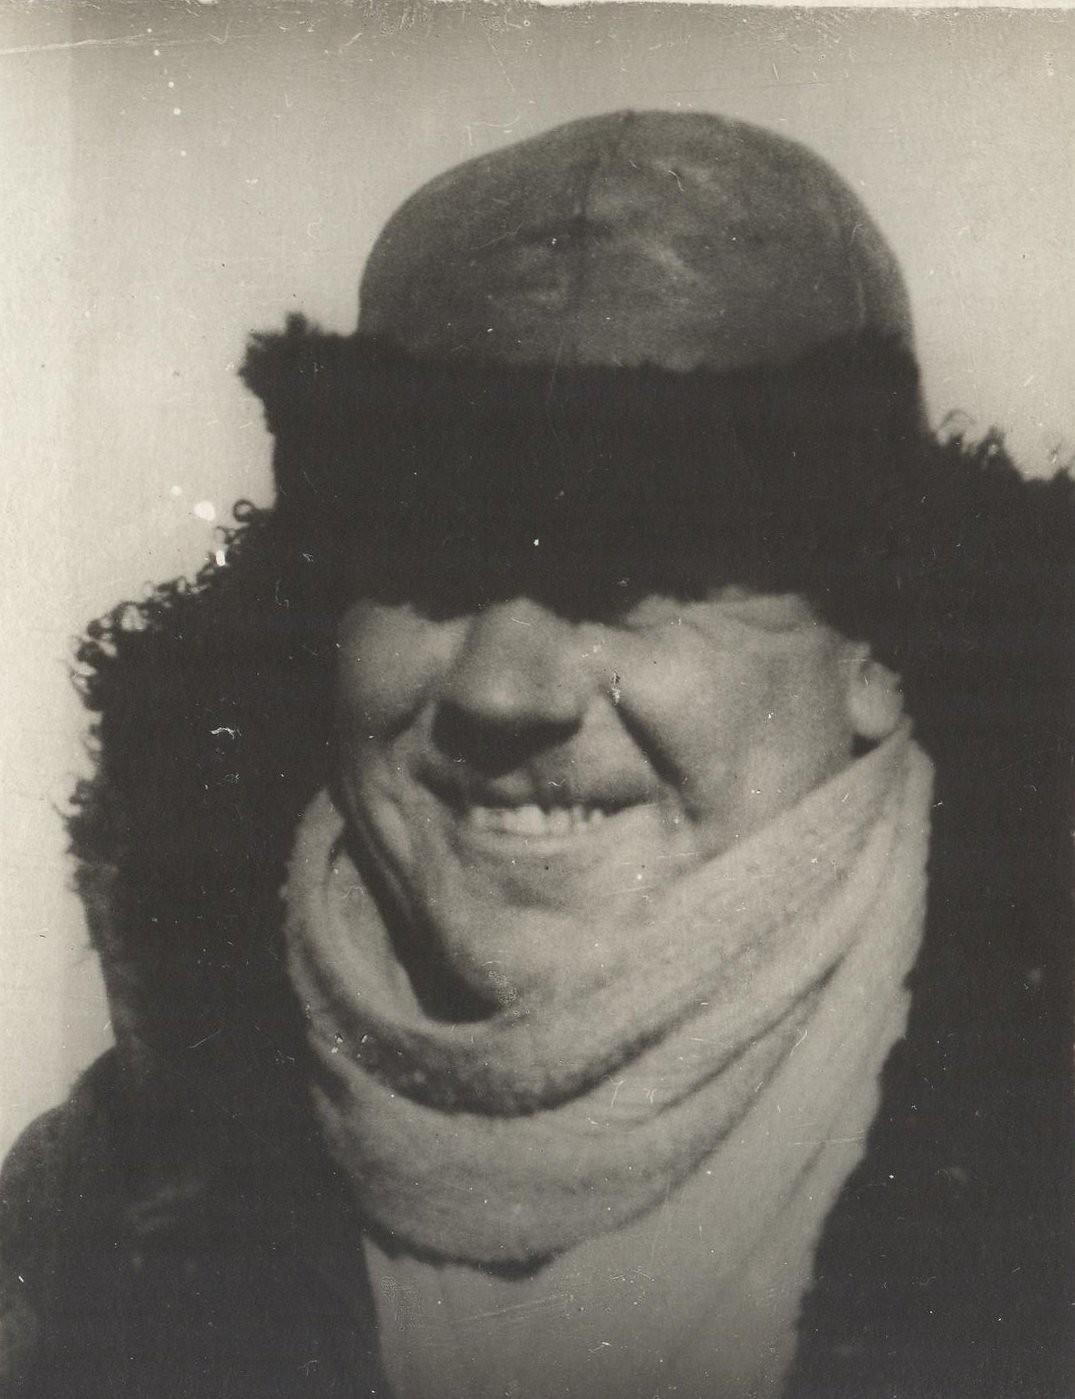 1934. Боцман Яныч Виновский - участник экспедиции по спасению челюскинцев